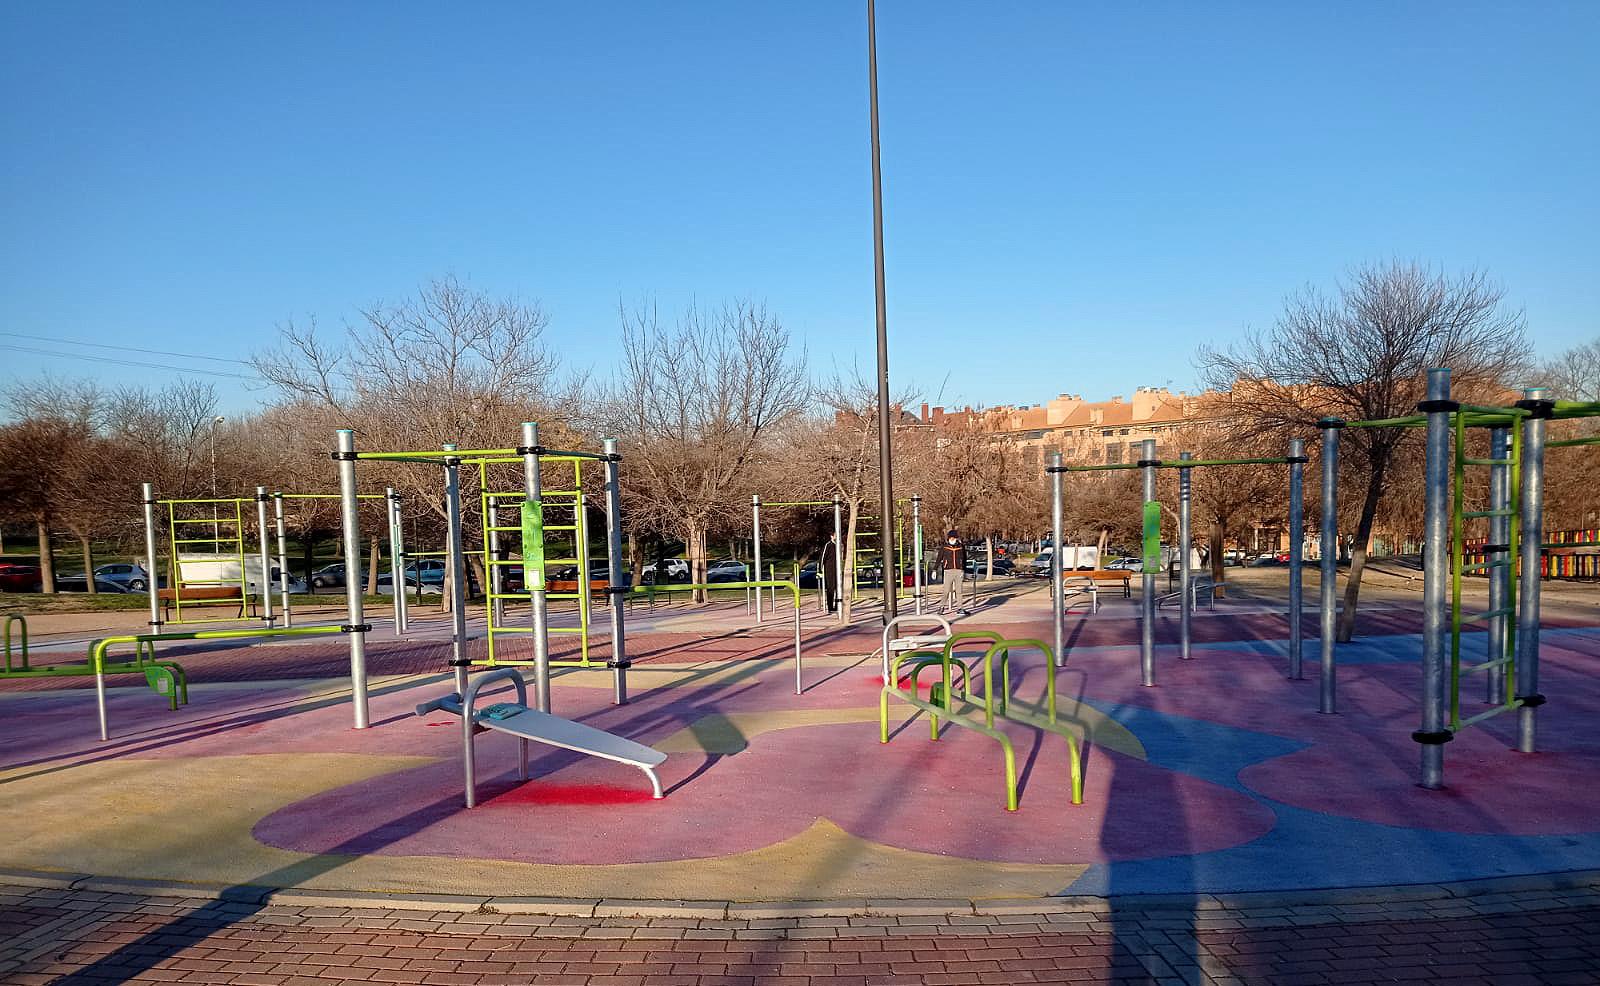 Circuito de calistenia del parque de la Cuña Verde de distrito Latina